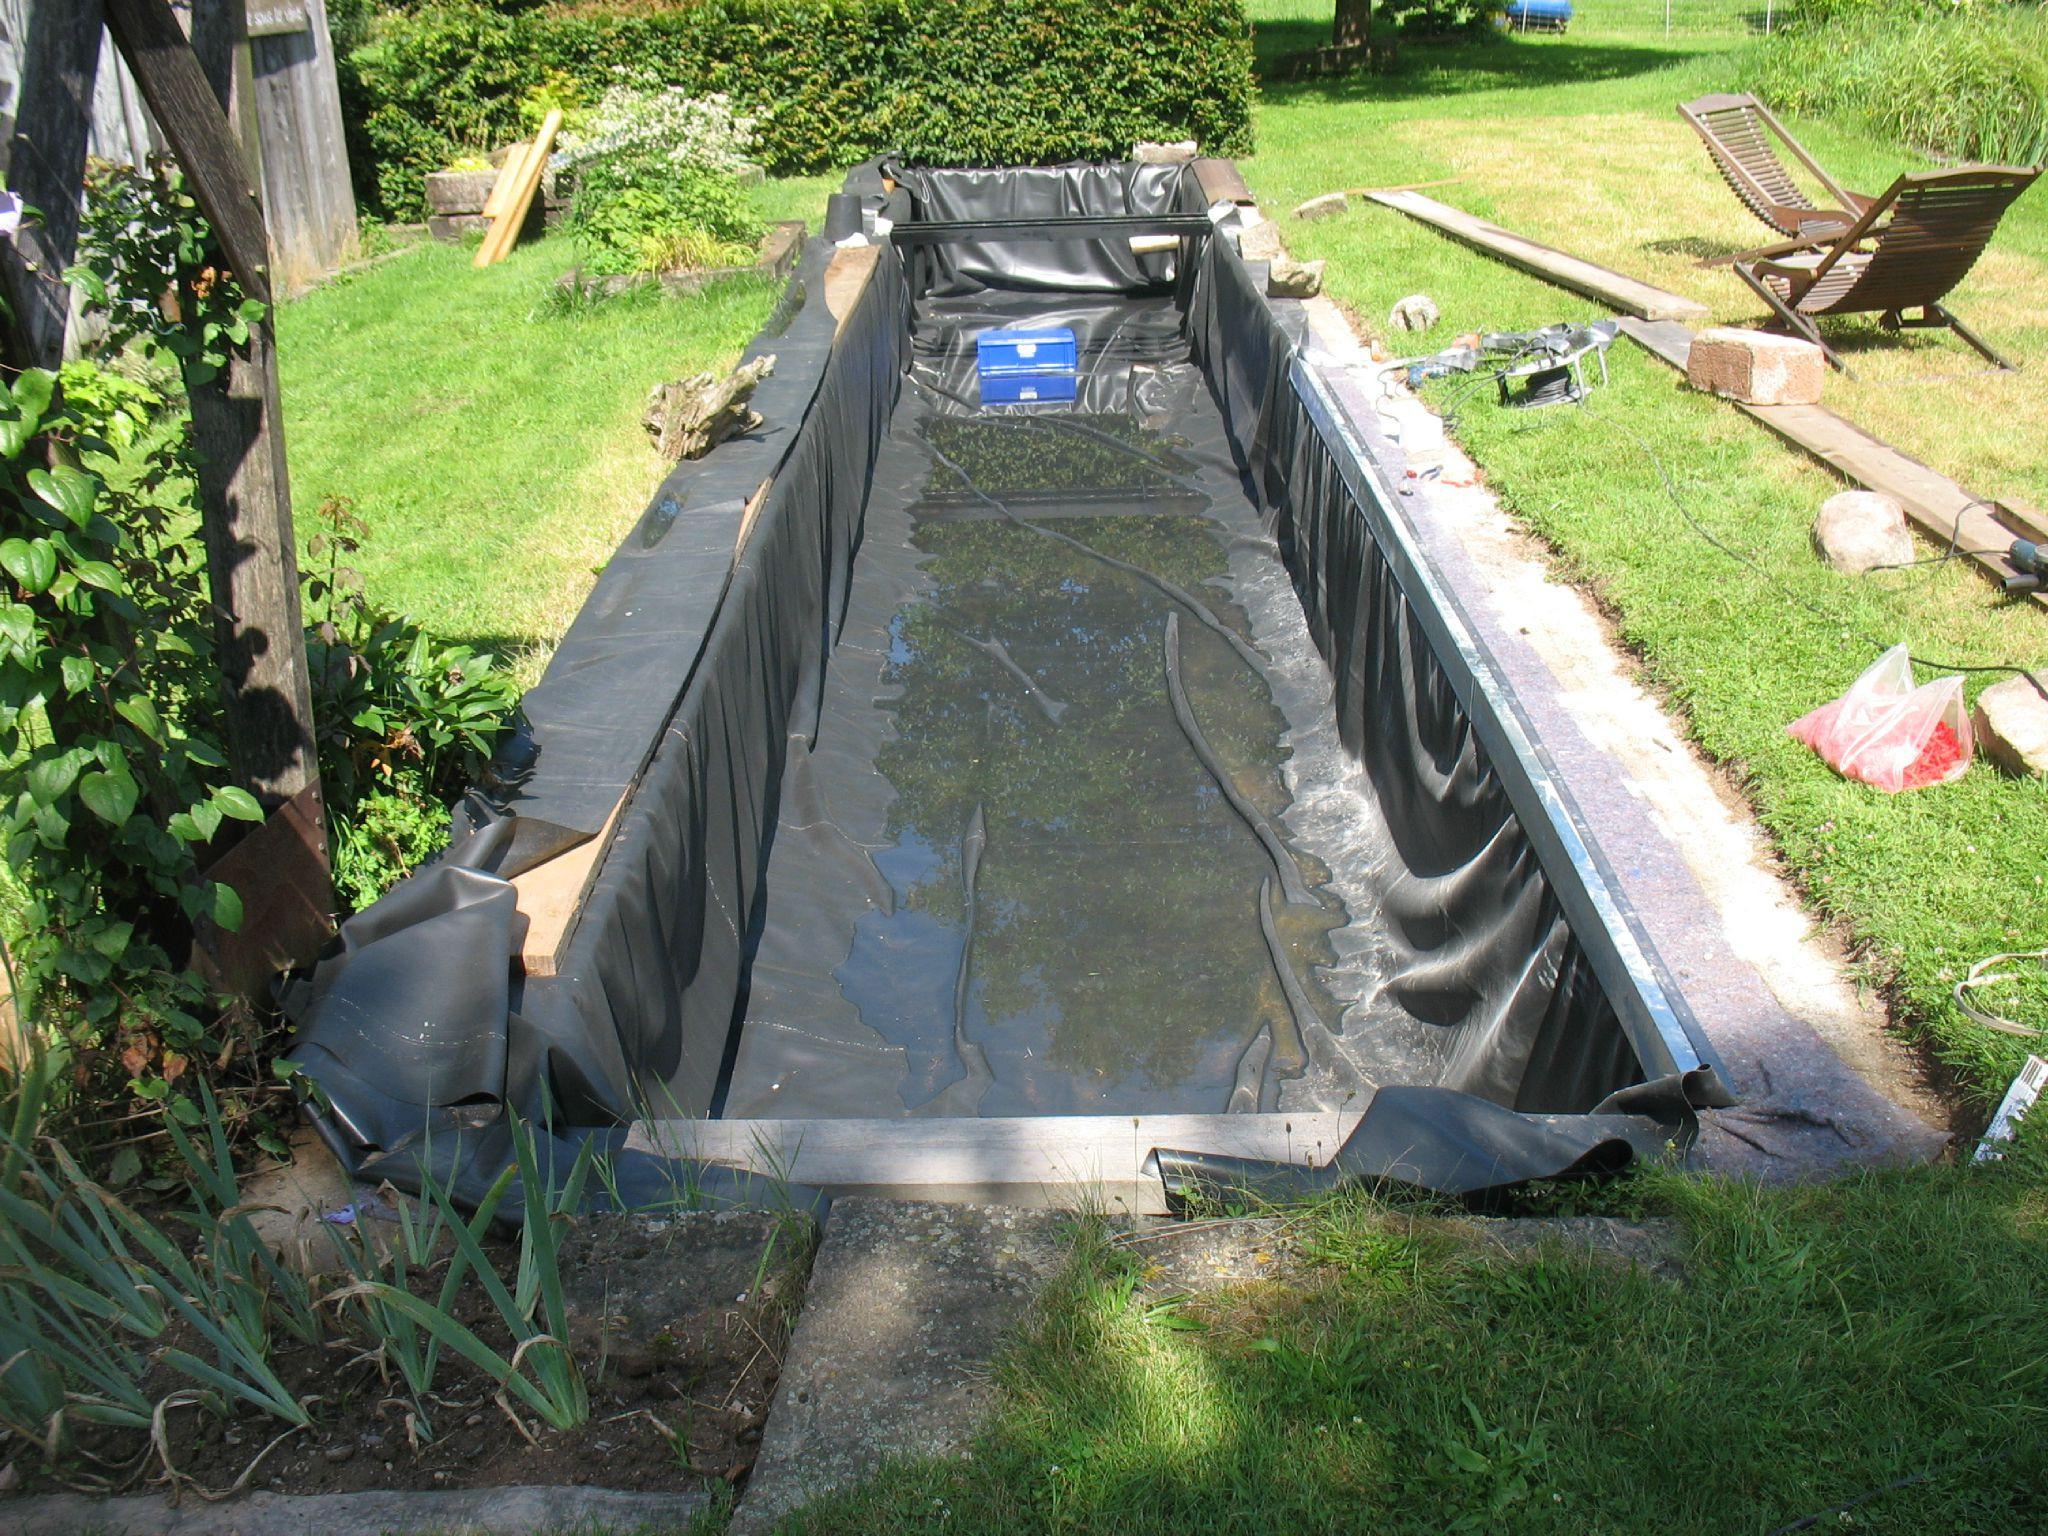 Bassin Jardin Moderne Luxe Photos La Plupart De Bien Bac A Poisson Jardin Idée – Sullivanmaxx